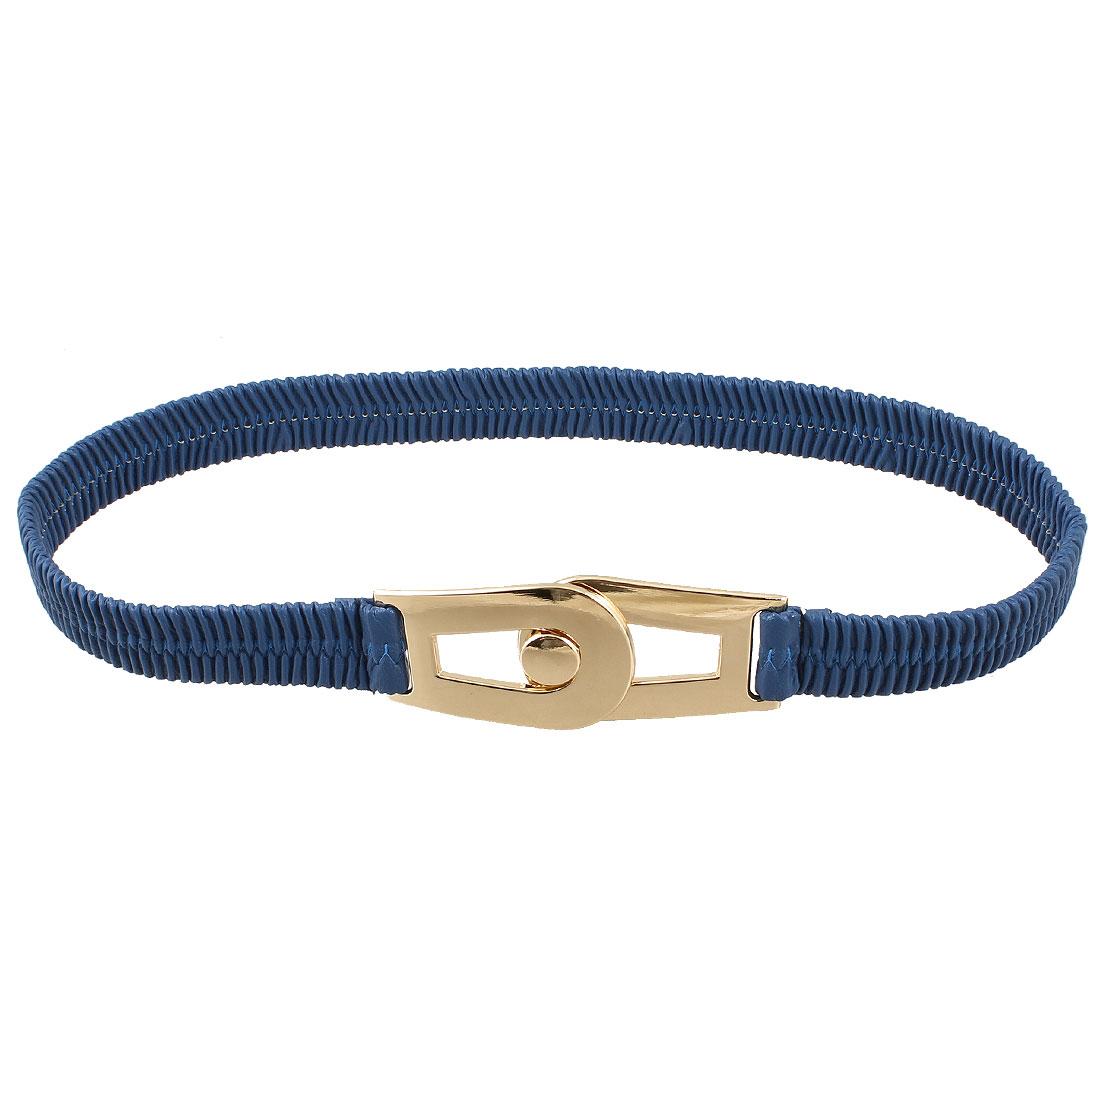 Lady Dark Blue Faux Leather Interlocking Buckle Elastic Waist Cinch Belt